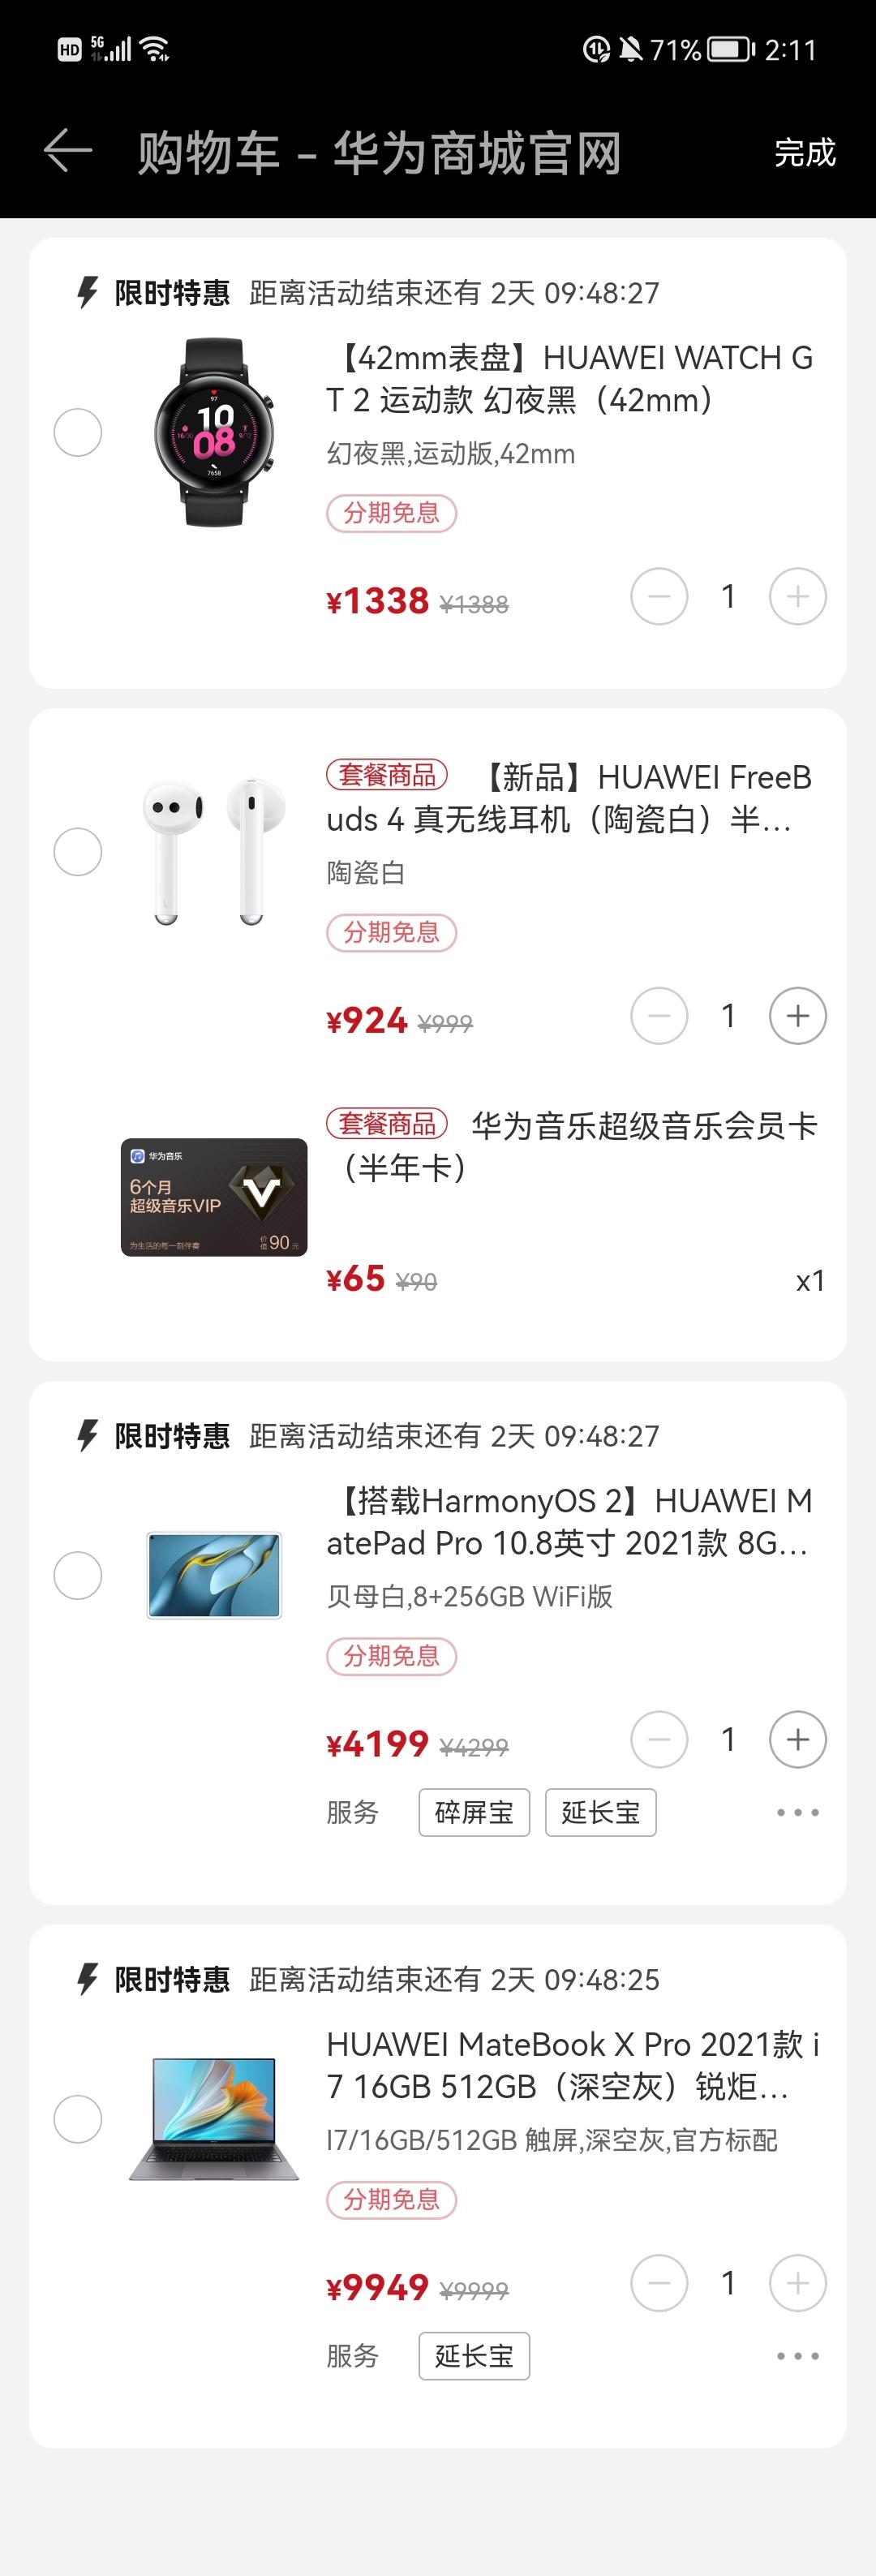 Screenshot_20210828_141141.jpg